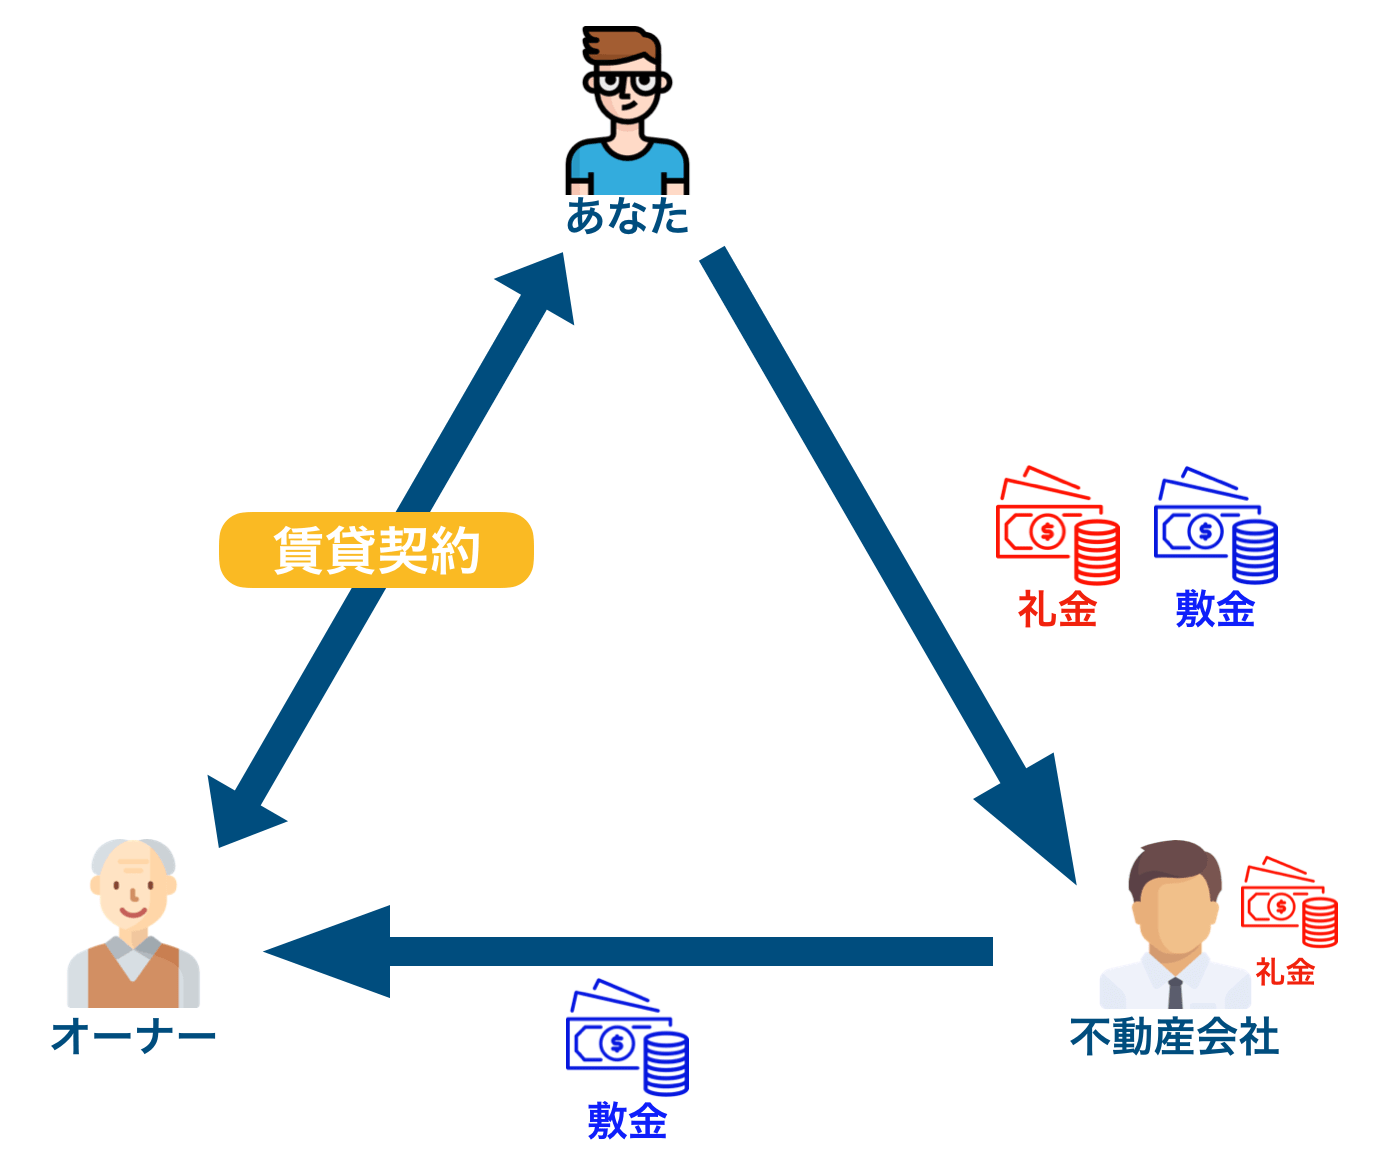 契約金の流れを表したイメージ②